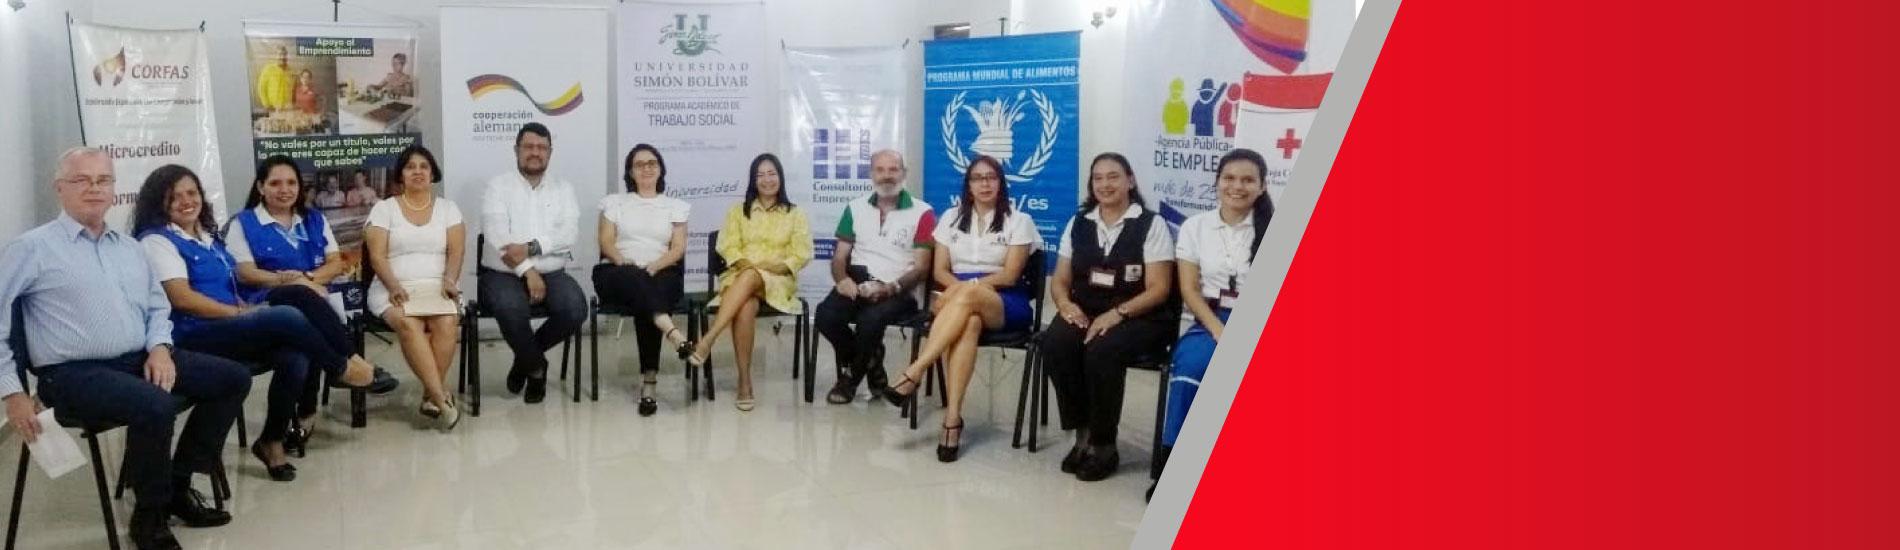 UFPS aliado estratégico en proyecto interinstitucional para la integración económica de población vulnerable